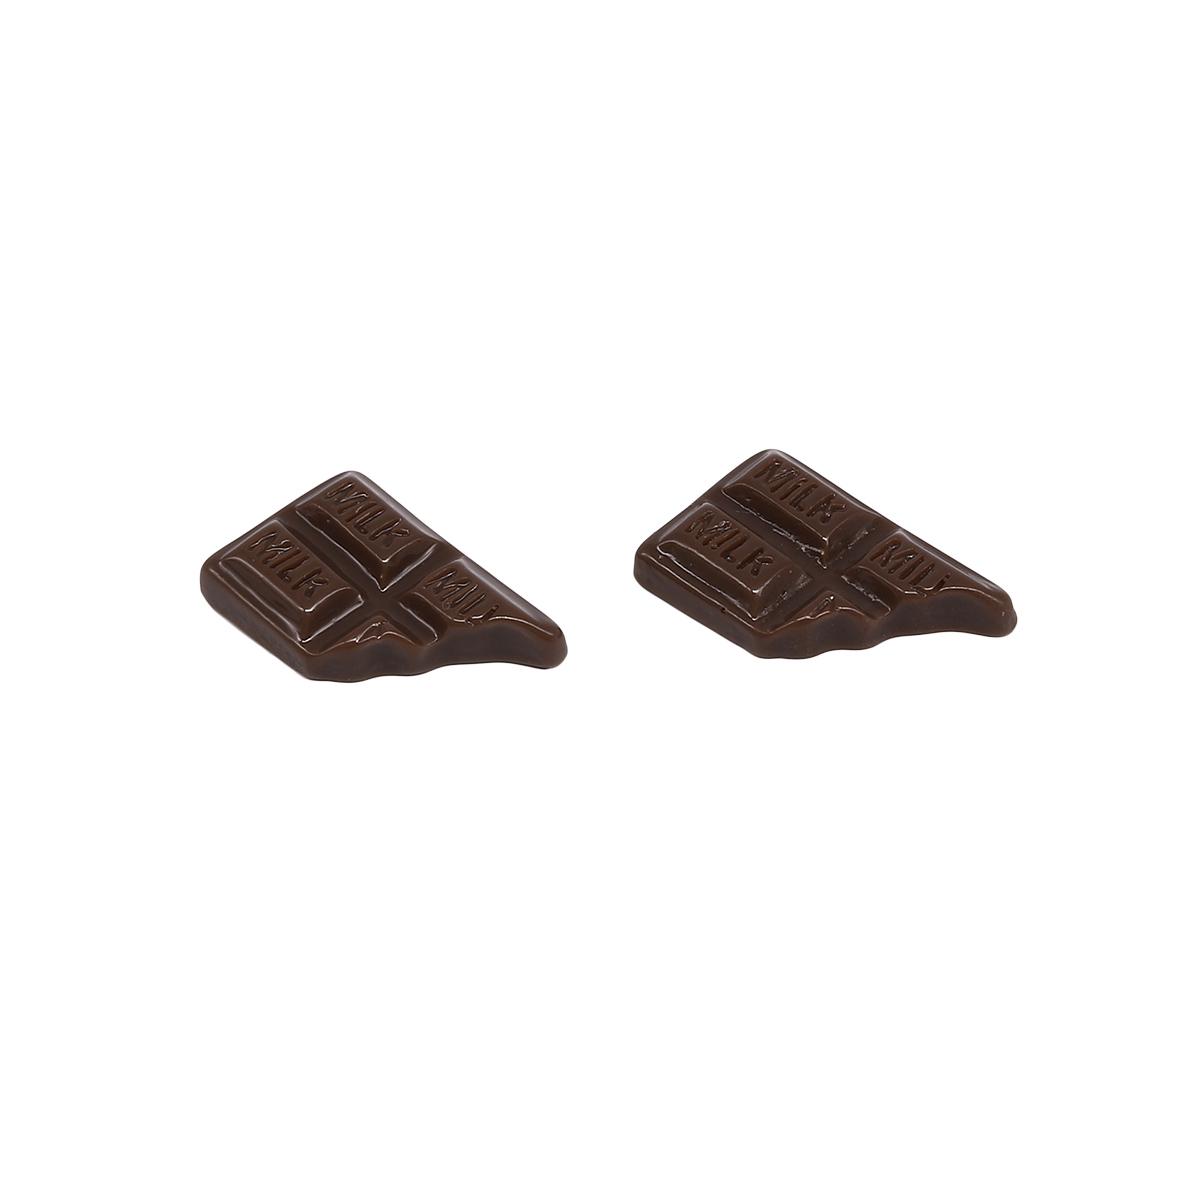 3AS-133 Миниатюра. Плитка шоколада, 2*1.3см